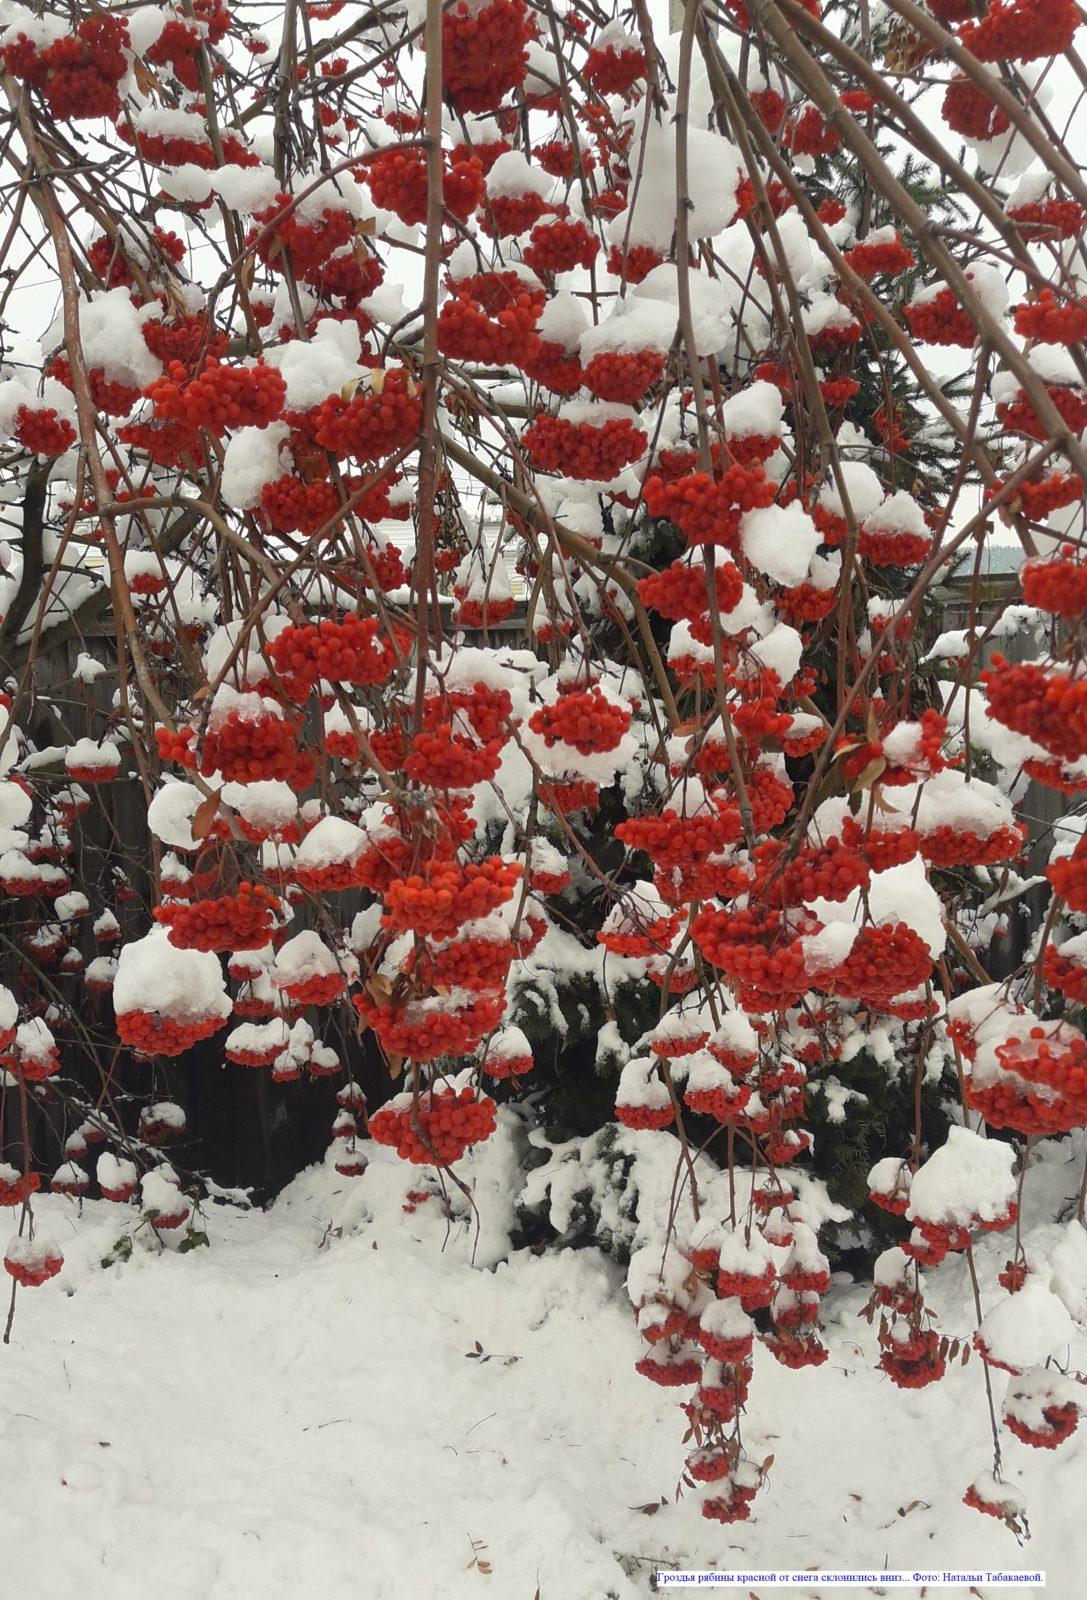 Гроздья рябины красной от снега склонились вниз...